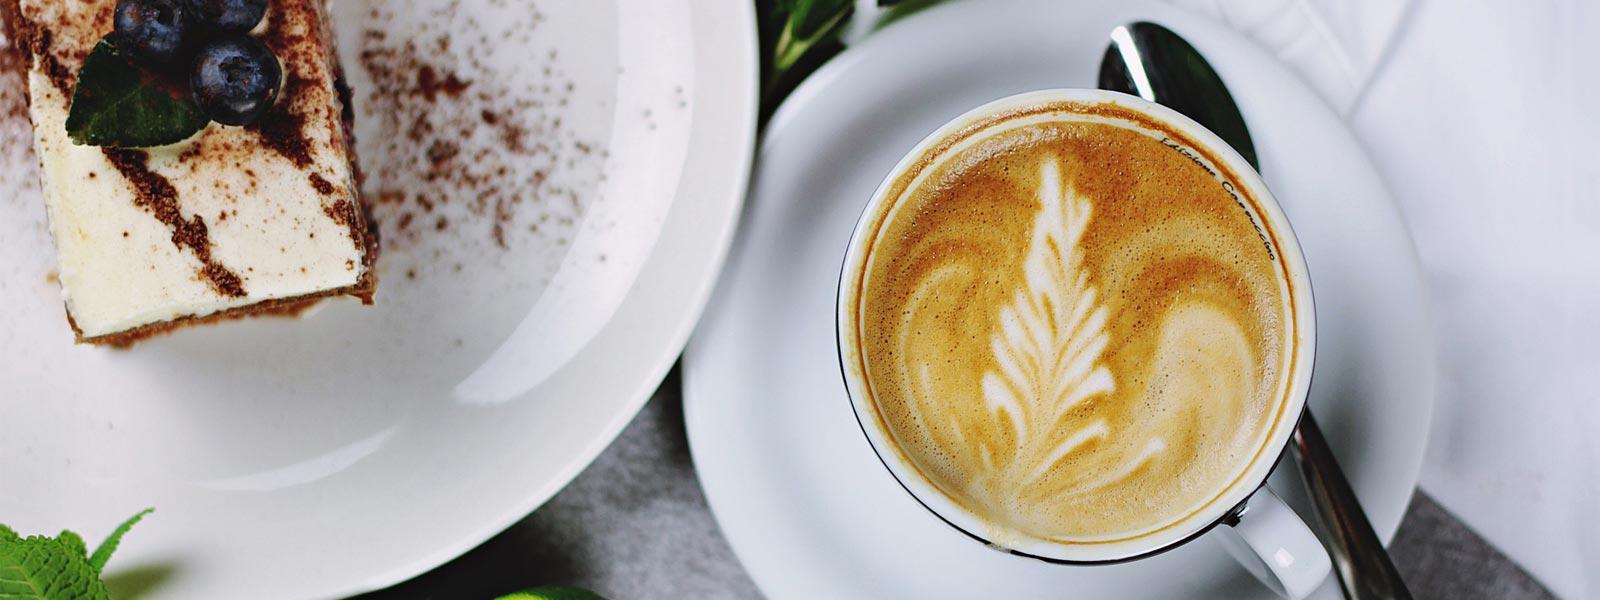 Kaffeevollautomat-für-Bäckerei-Kaffee-Kuchen Kaffeevollautomat-für-Bäcker Siebträger für Bäckerei Siebträger für Bäcker Siebträgerkaffeemaschine